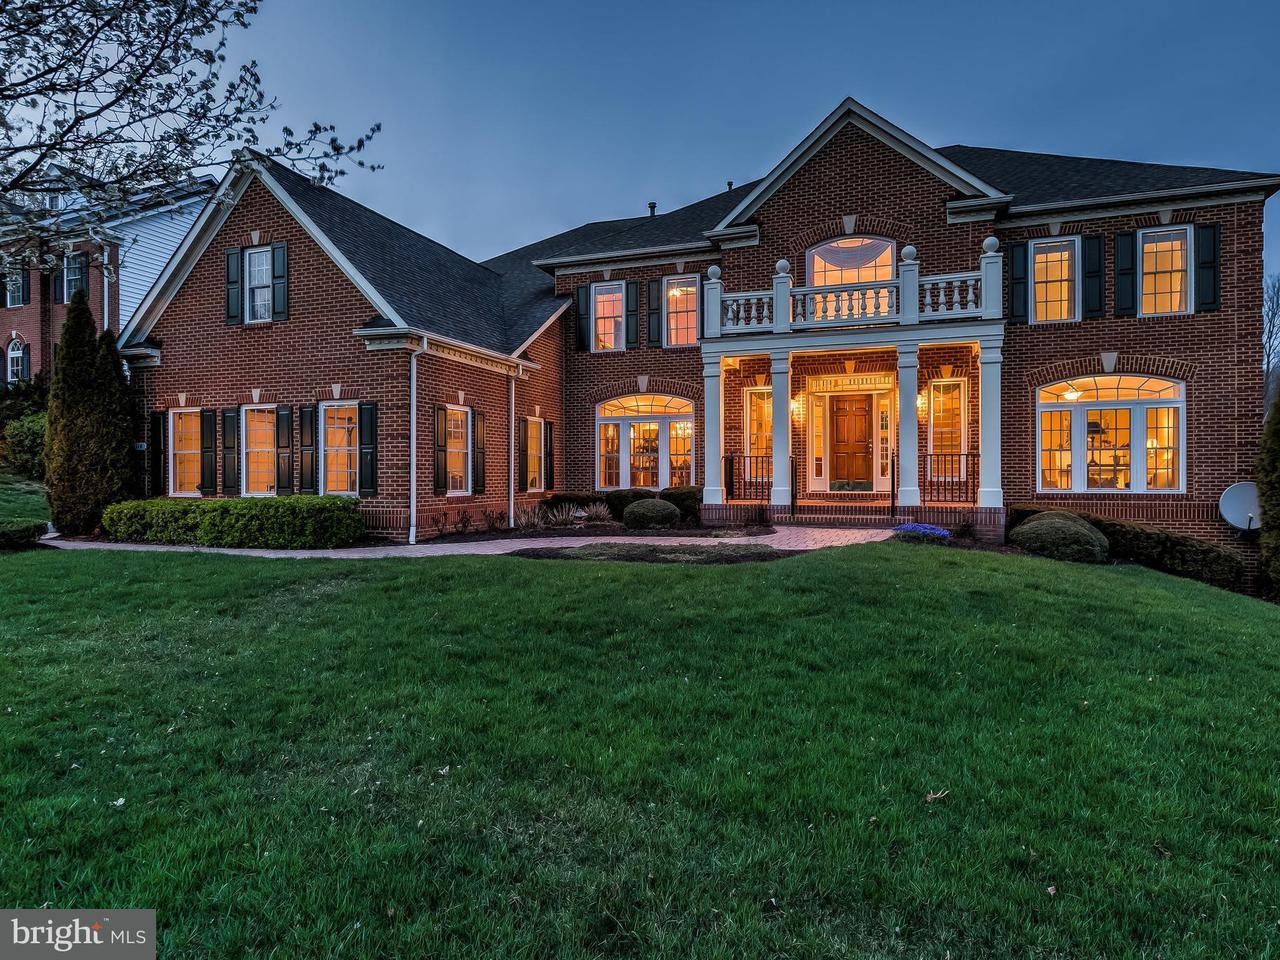 Частный односемейный дом для того Продажа на 3110 Seneca Chief Trail 3110 Seneca Chief Trail Ellicott City, Мэриленд 21042 Соединенные Штаты